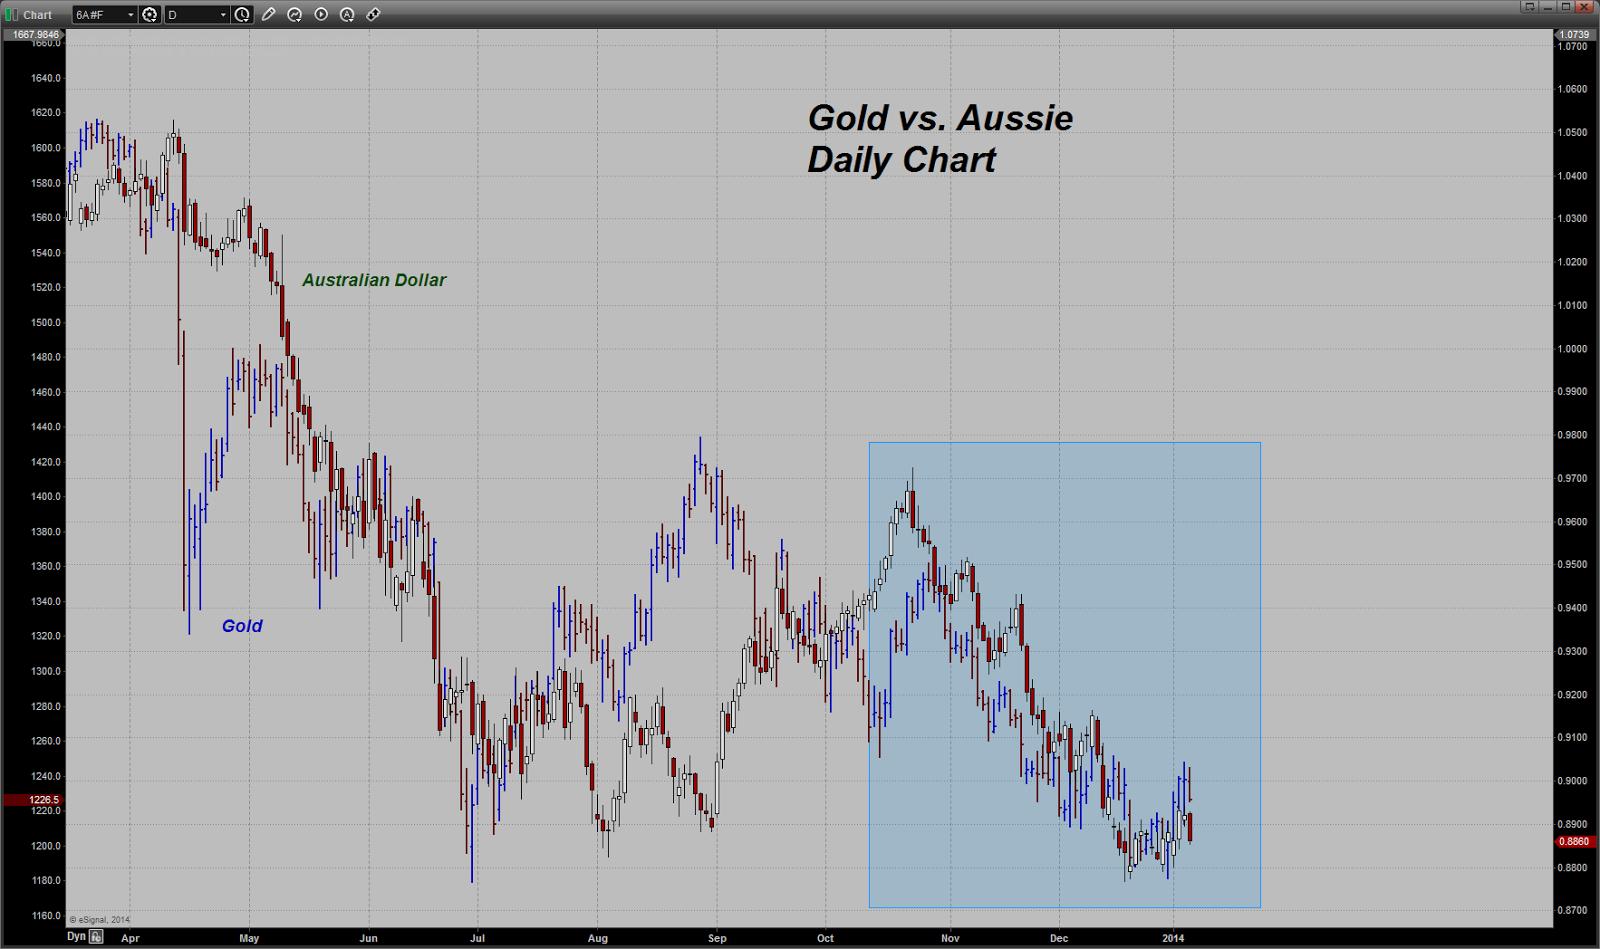 prix de l'or, de l'argent et des minières / suivi quotidien en clôture - Page 9 Chart20140107072340